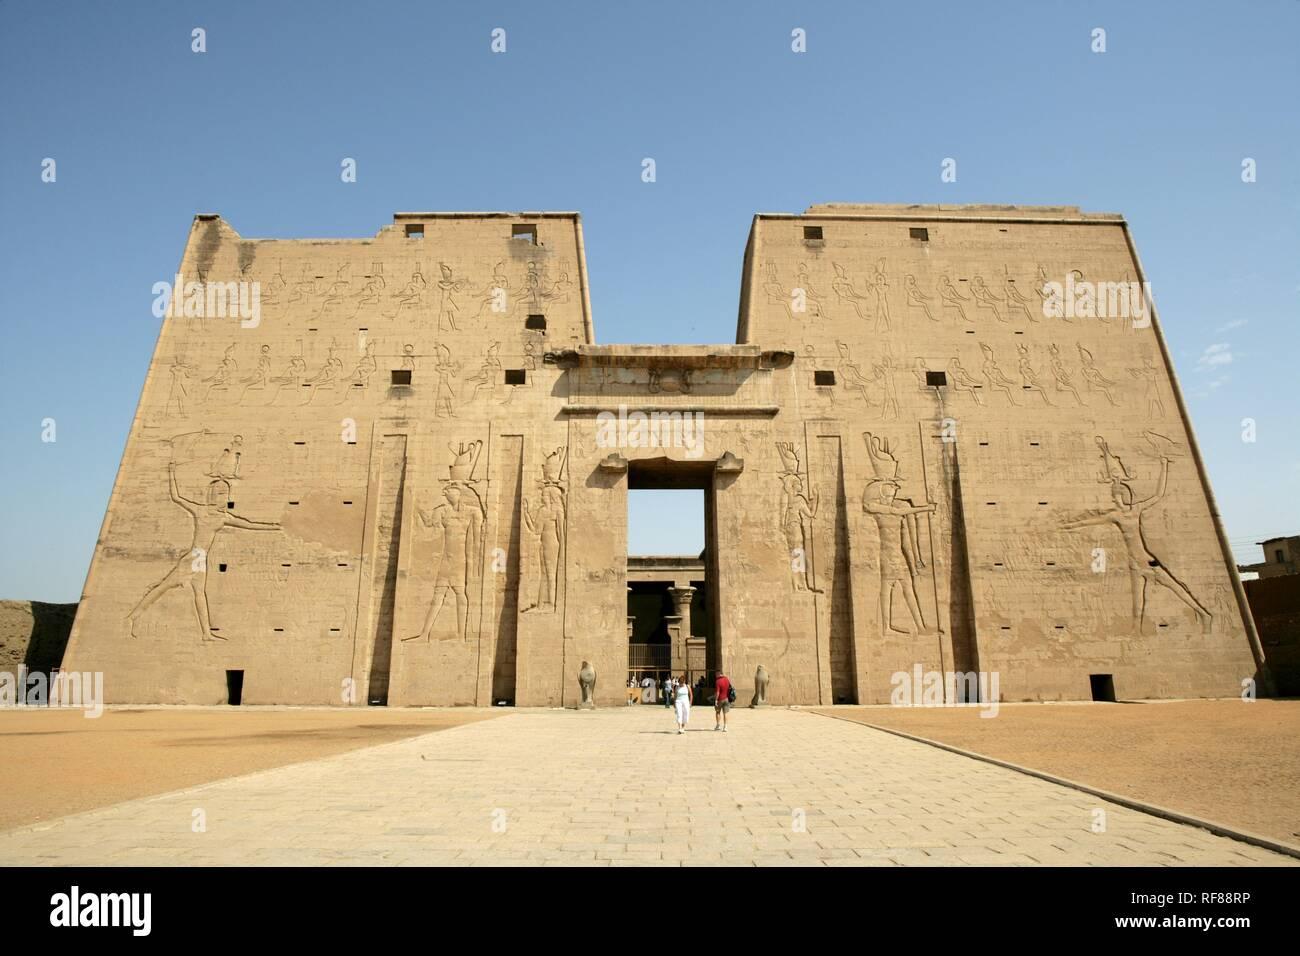 The Temple of Edfu (temple dedicated to the falcon god Horus), Edfu, Egypt, Africa Stock Photo